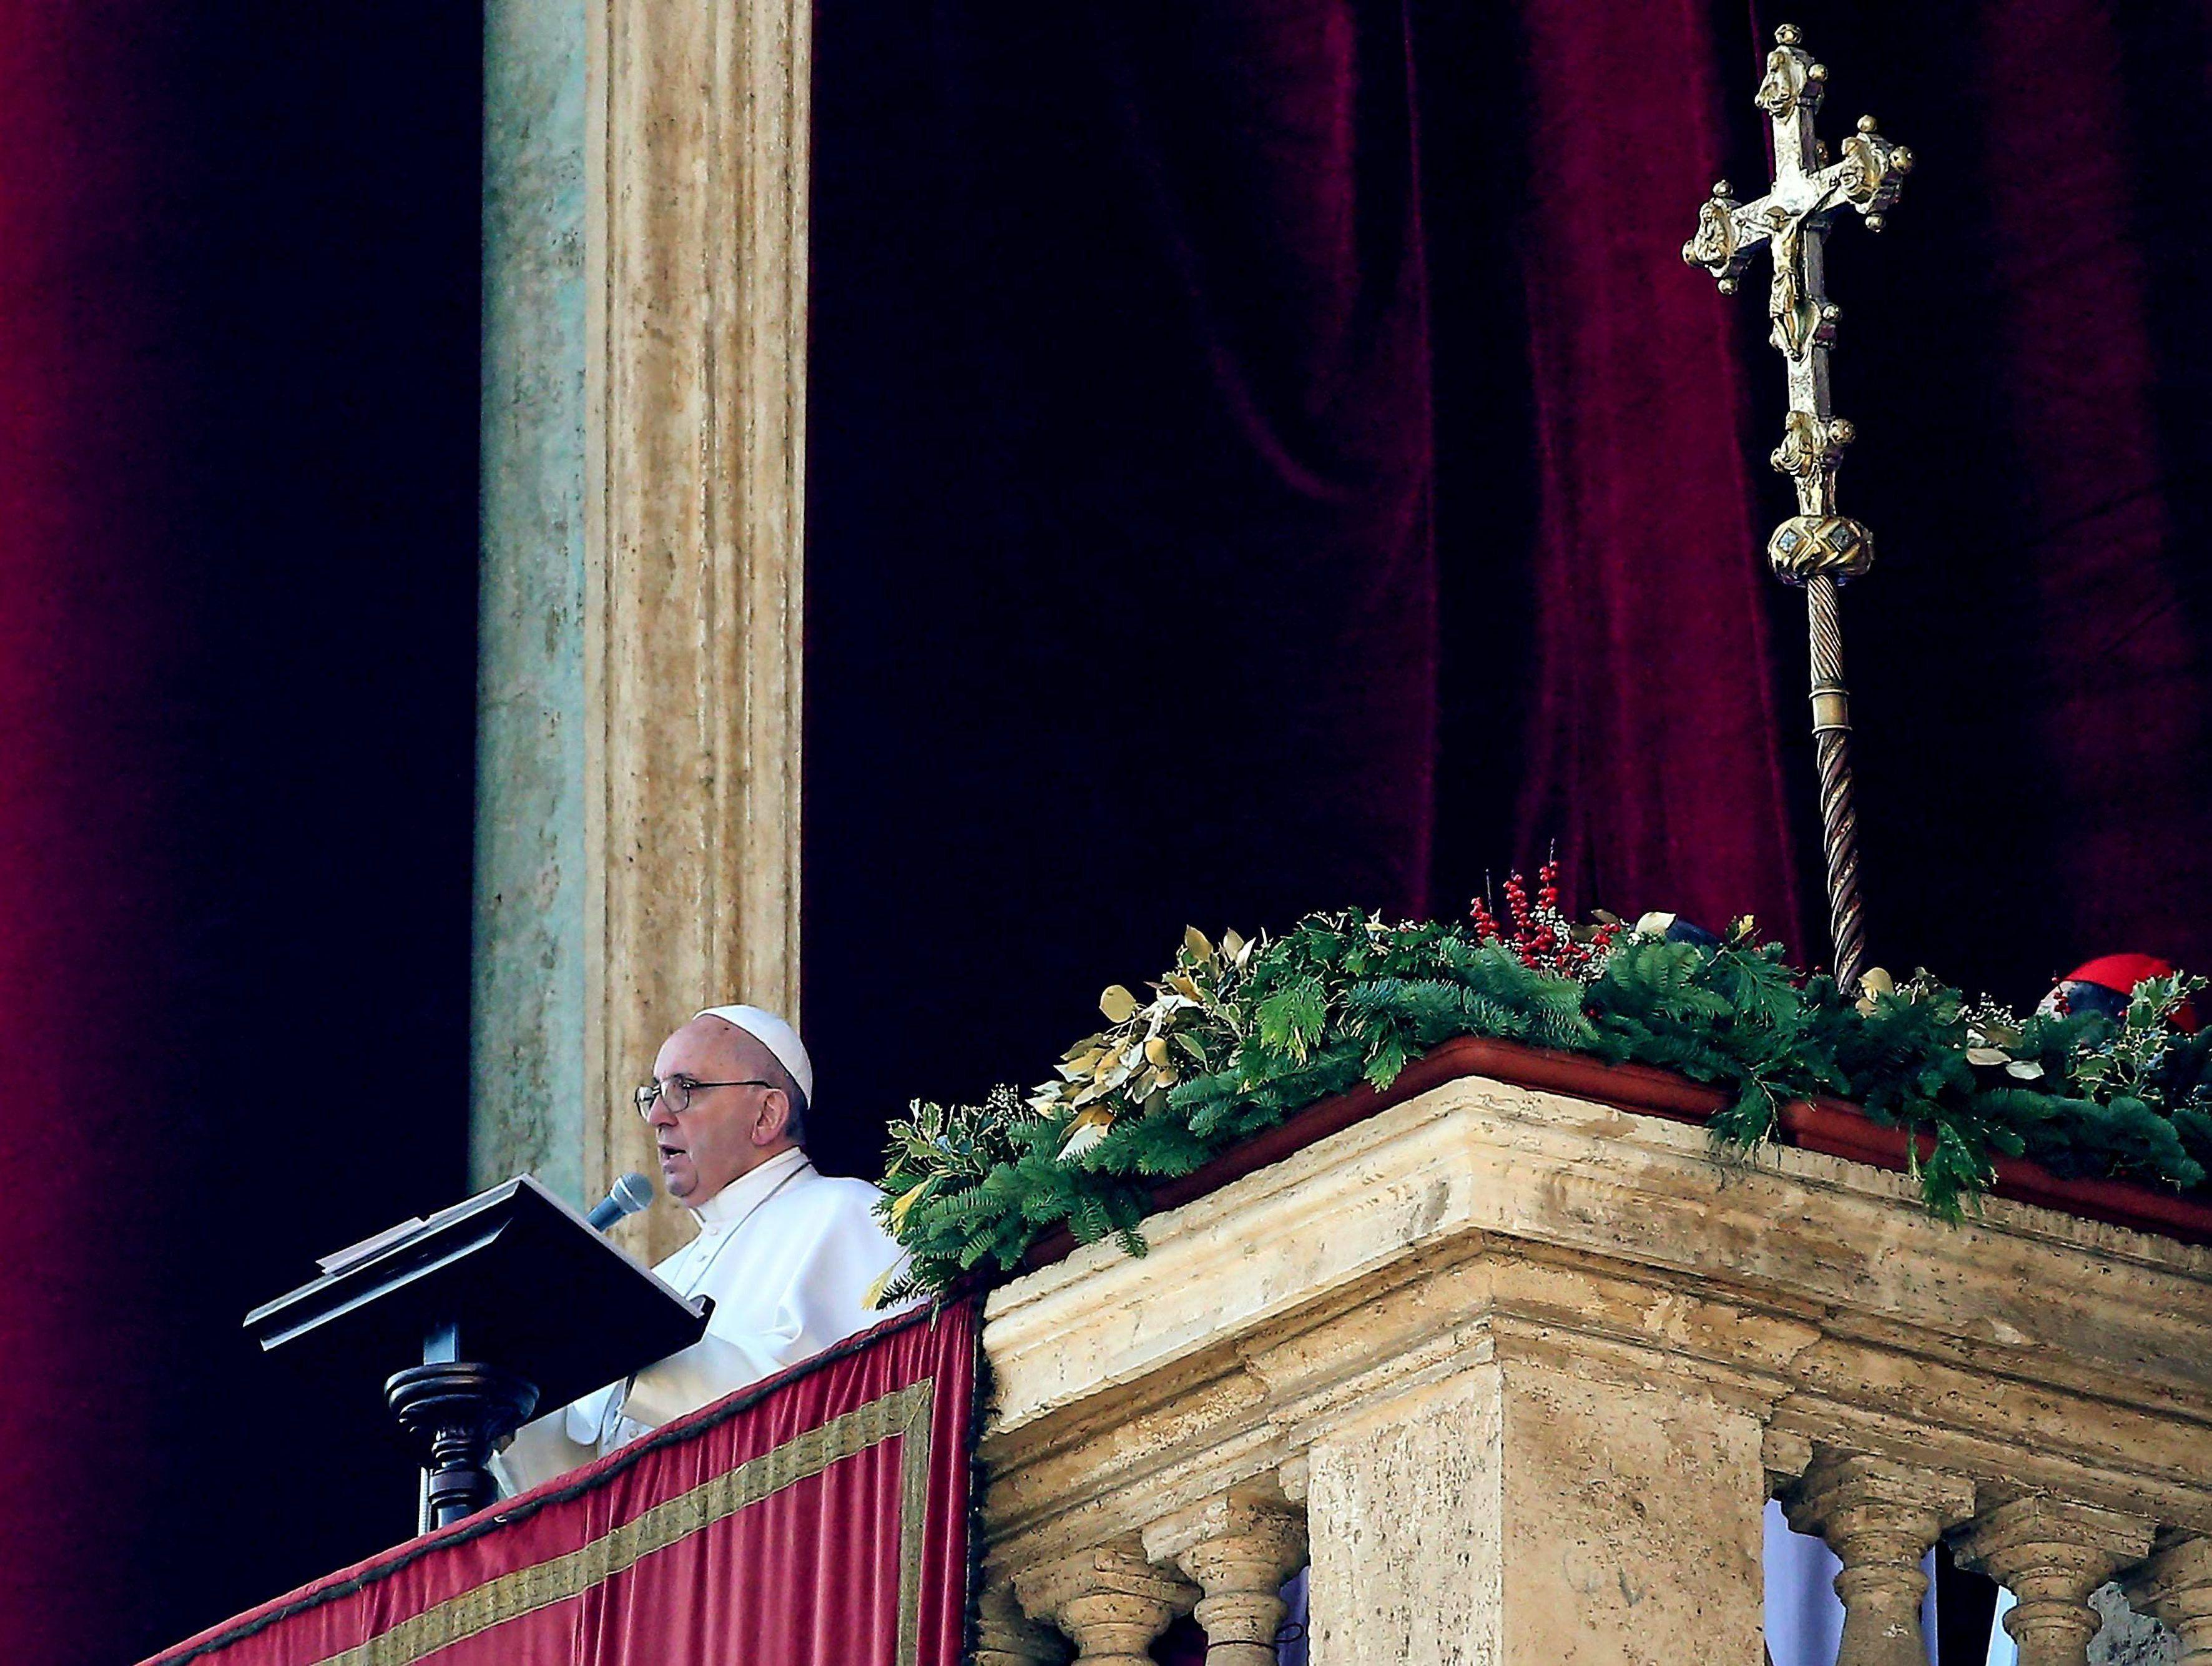 Francisco recordó los atentados terroristas y pidió esfuerzos para lograr la paz